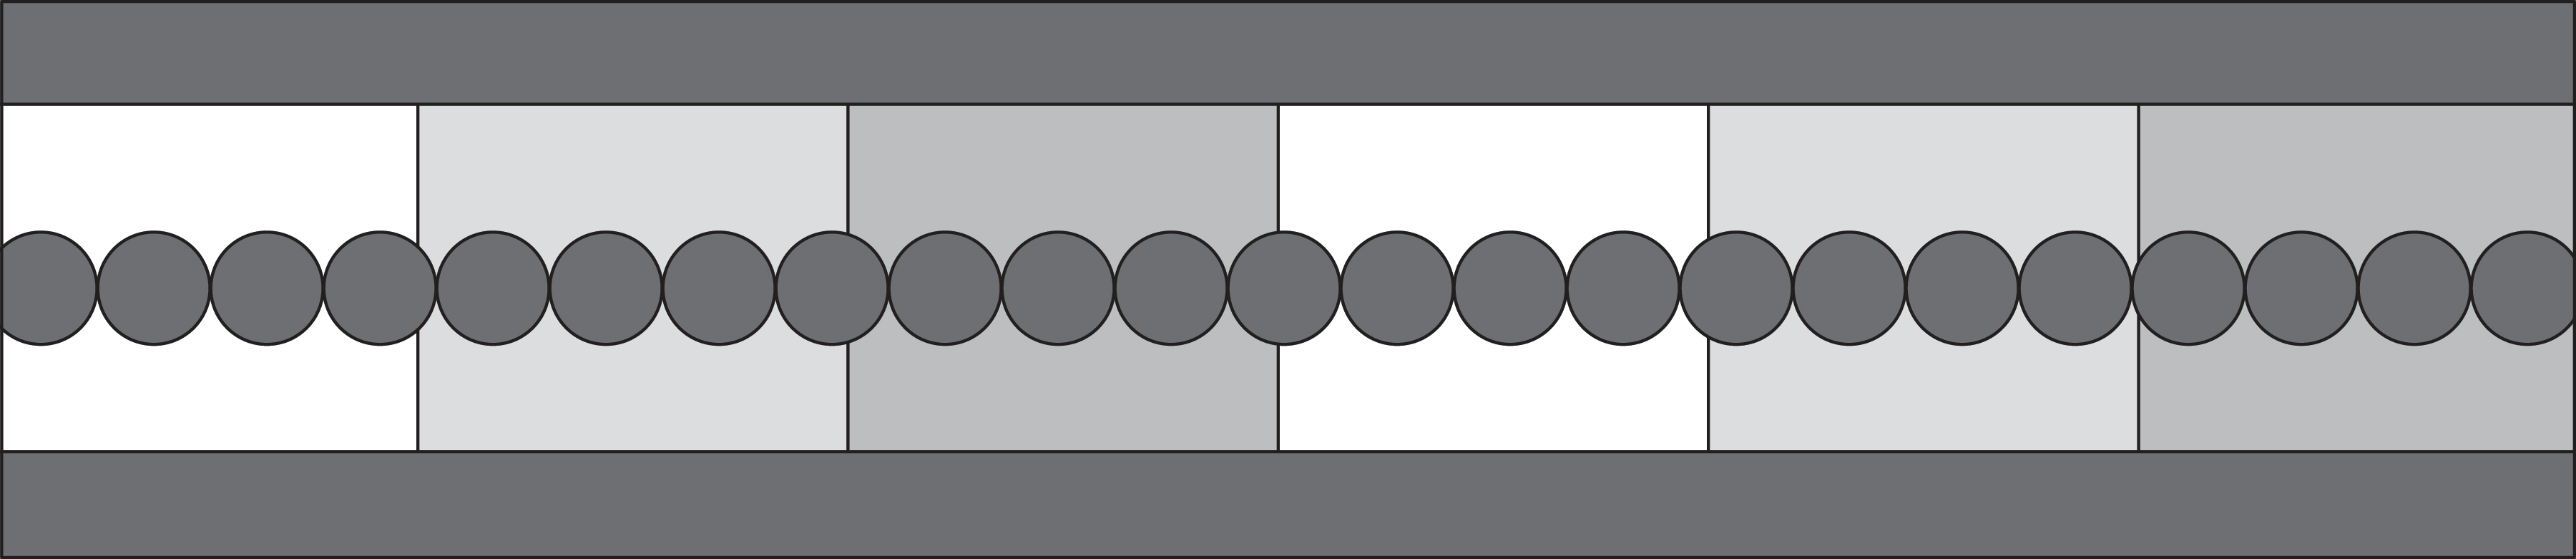 BorderRecipe_Sketch_1